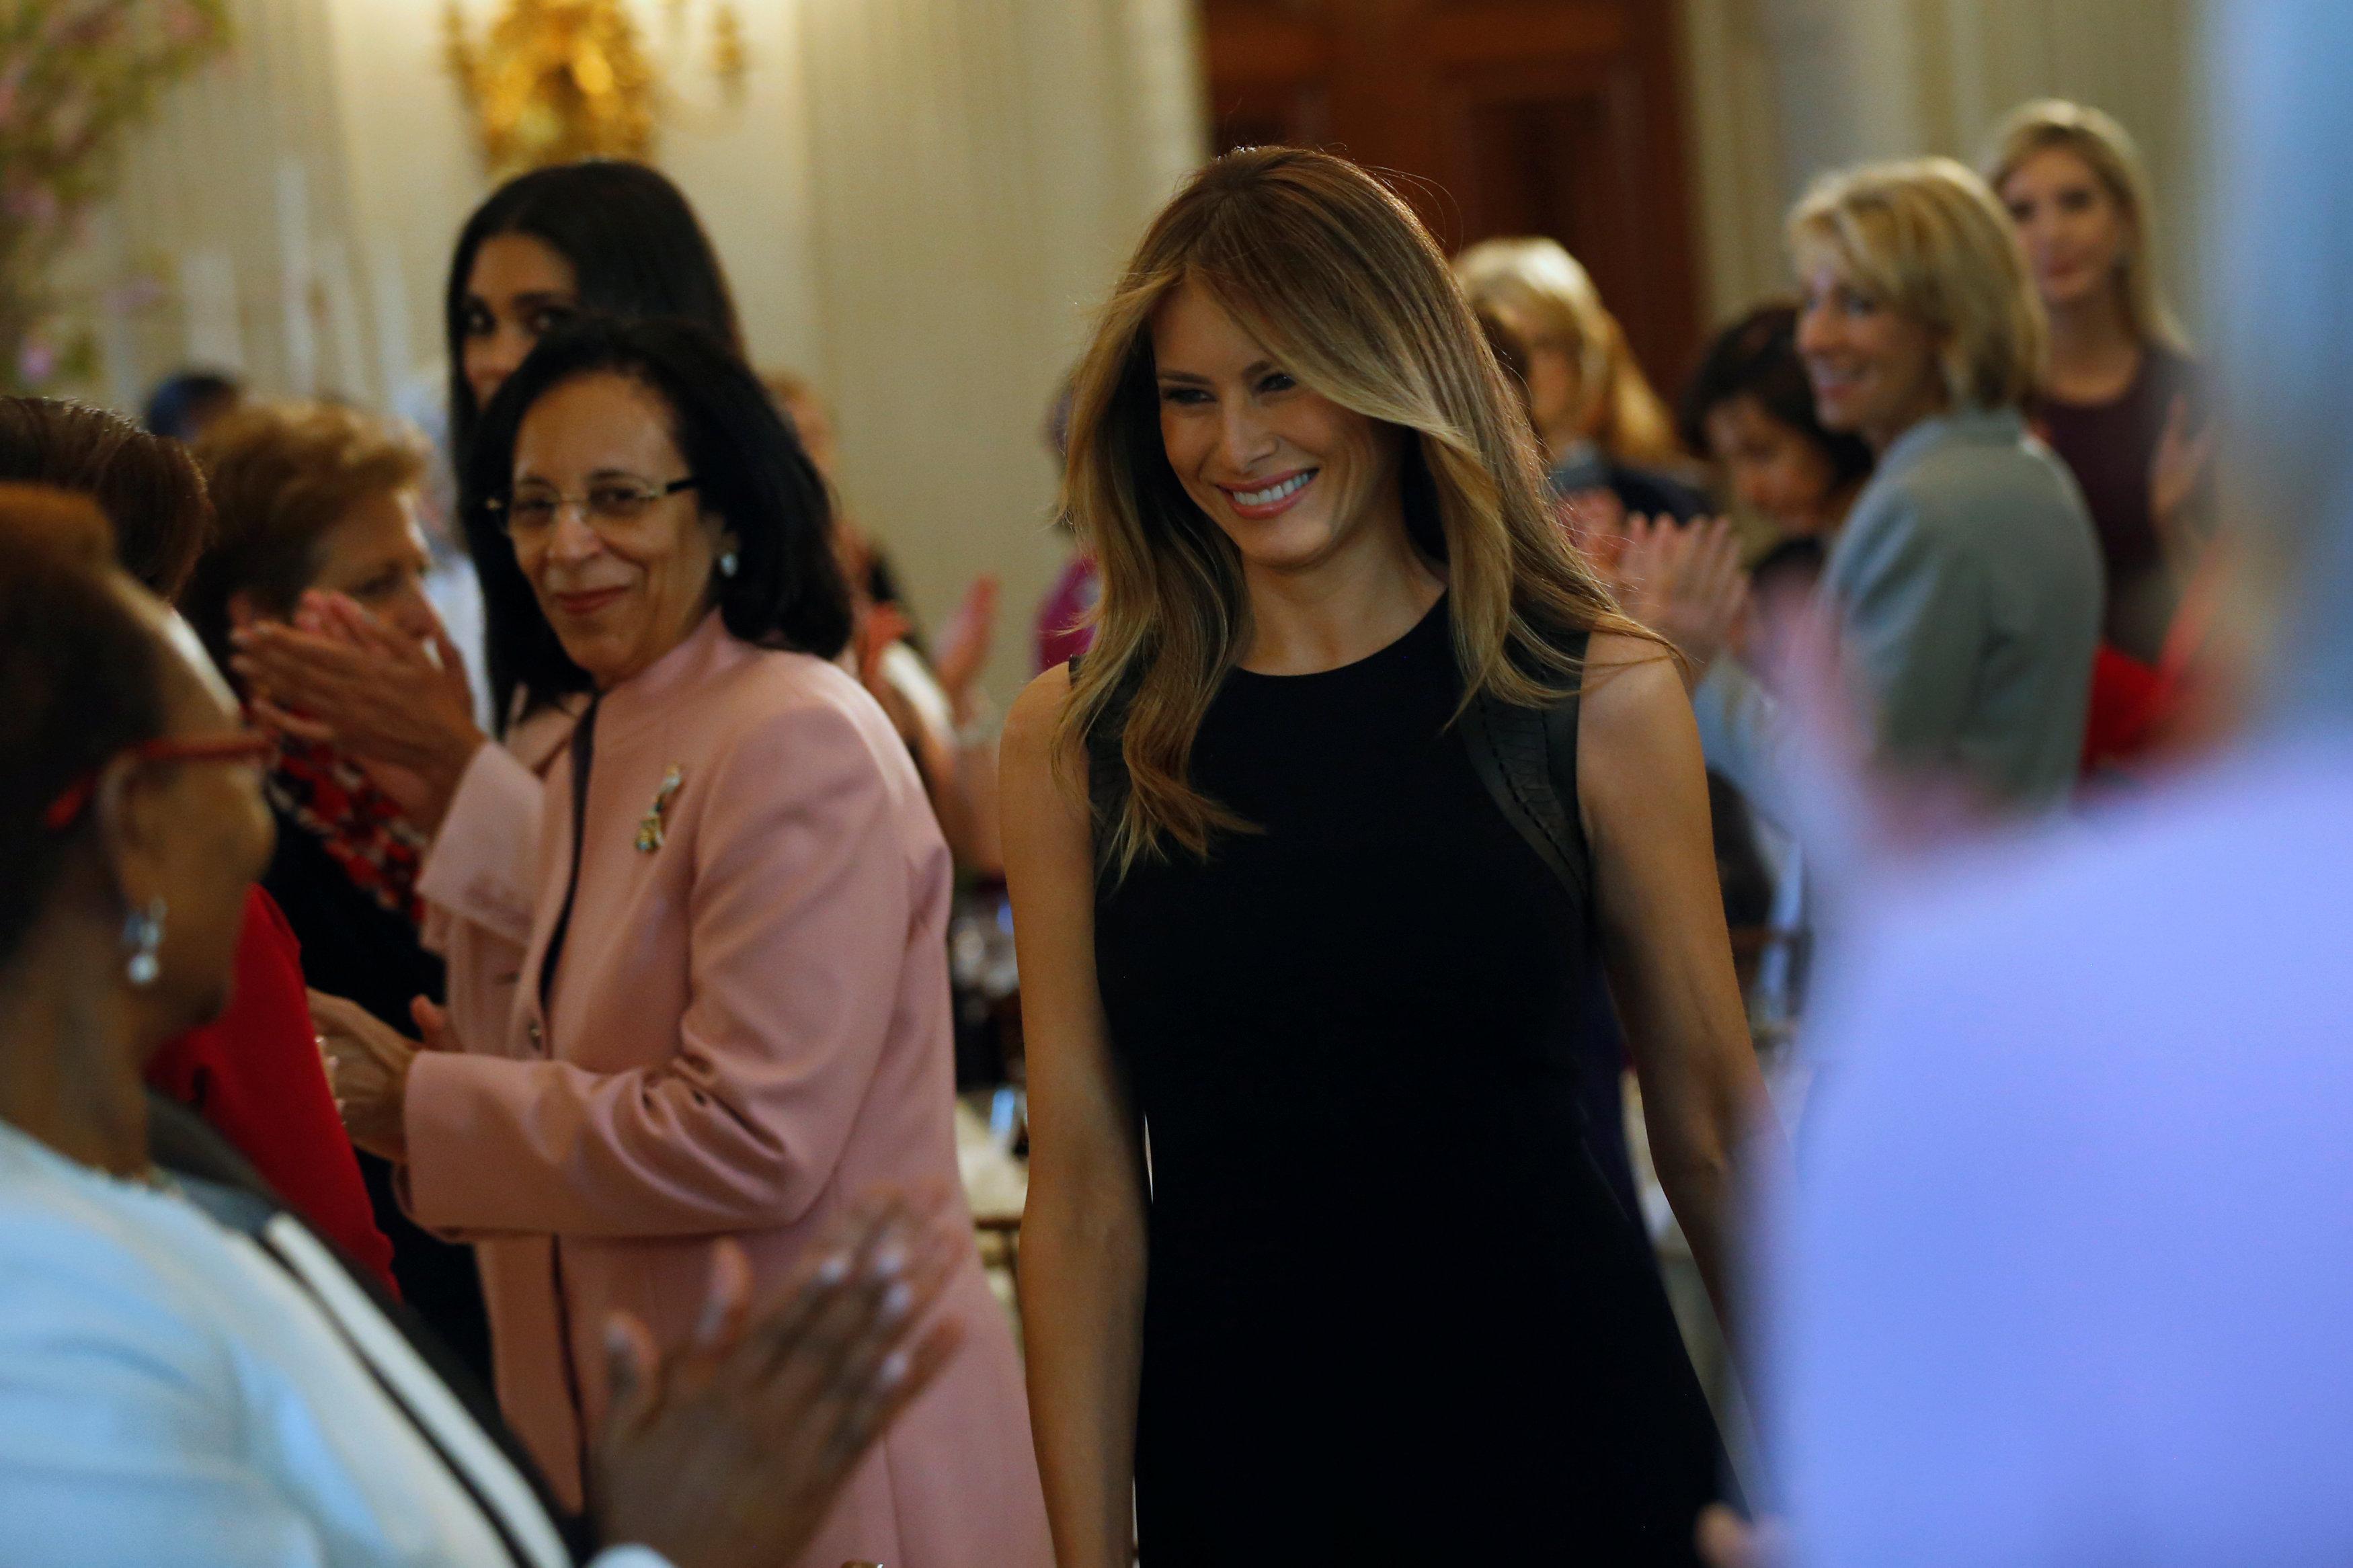 Меланья Трамп дала обед вчесть интернационального женского дня